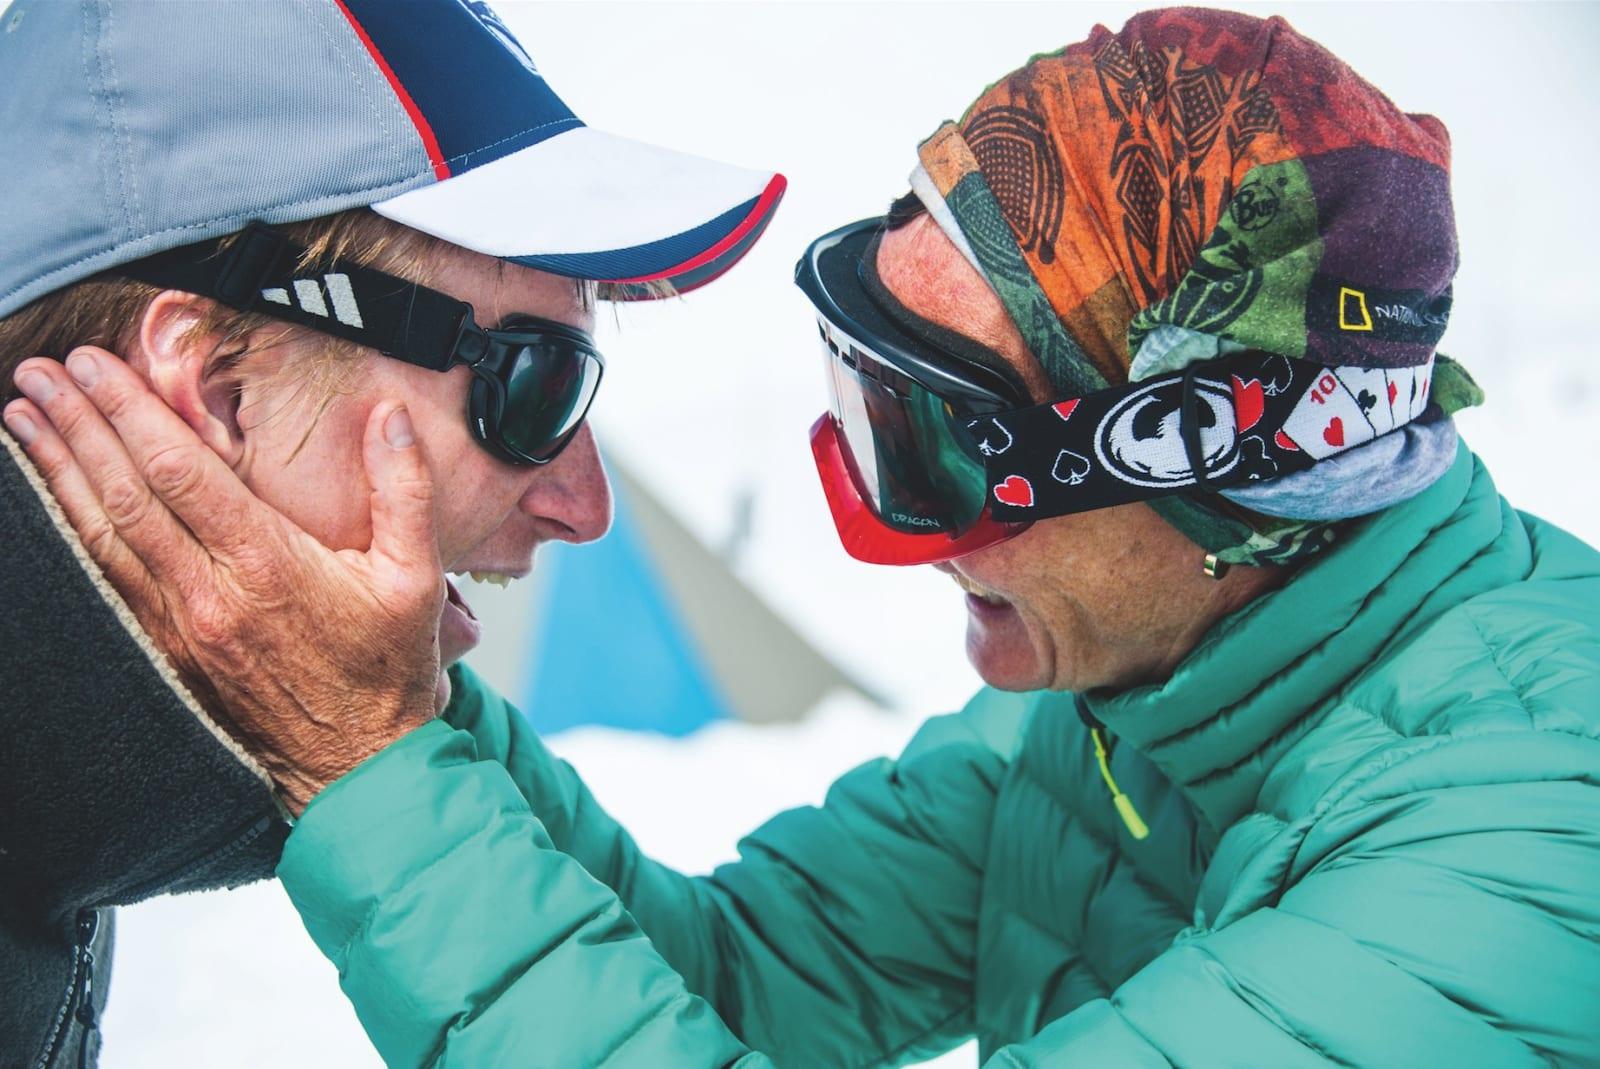 MUNTRASJONSRÅD: Lisbeth og sønnen Jens viser ekte fjellglede og oppmuntrer hverandre til suksess.